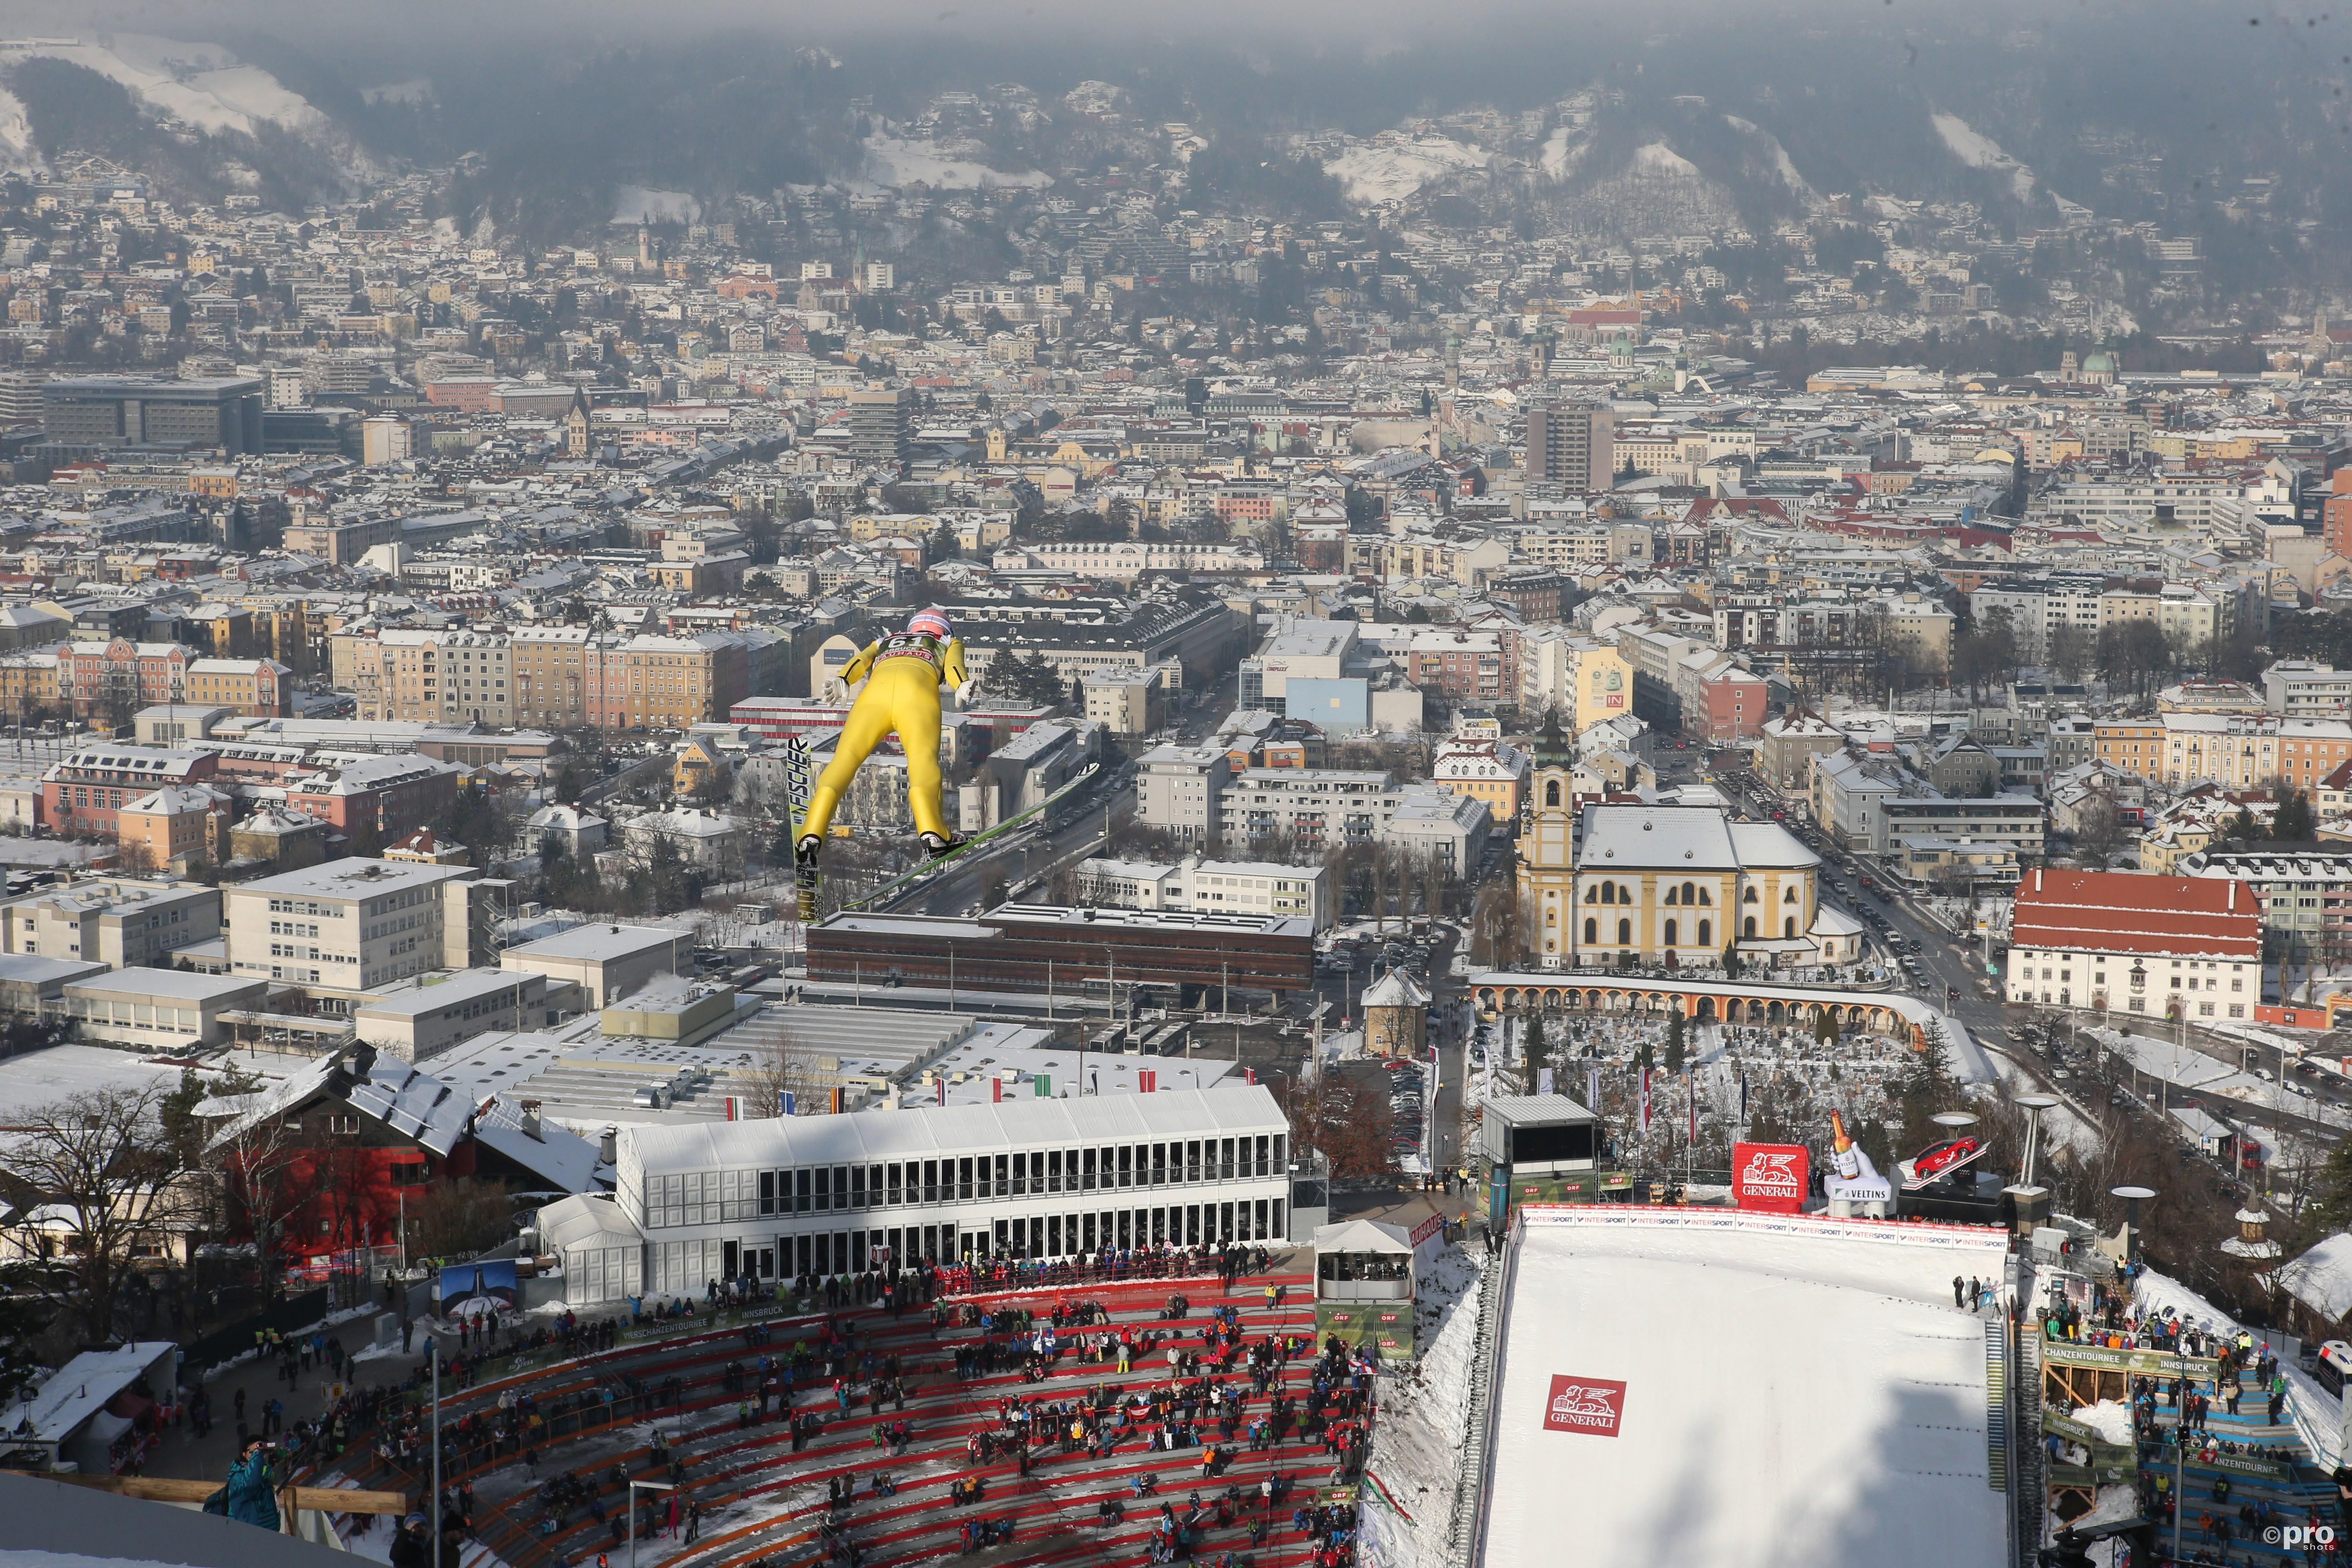 Het schansspringen op de Bergisel in Innsbruck biedt tijdens de Vierschansentoernee elk jaar weer prachtige beelden en een waar volksfeest (Pro Shots/Gepa)